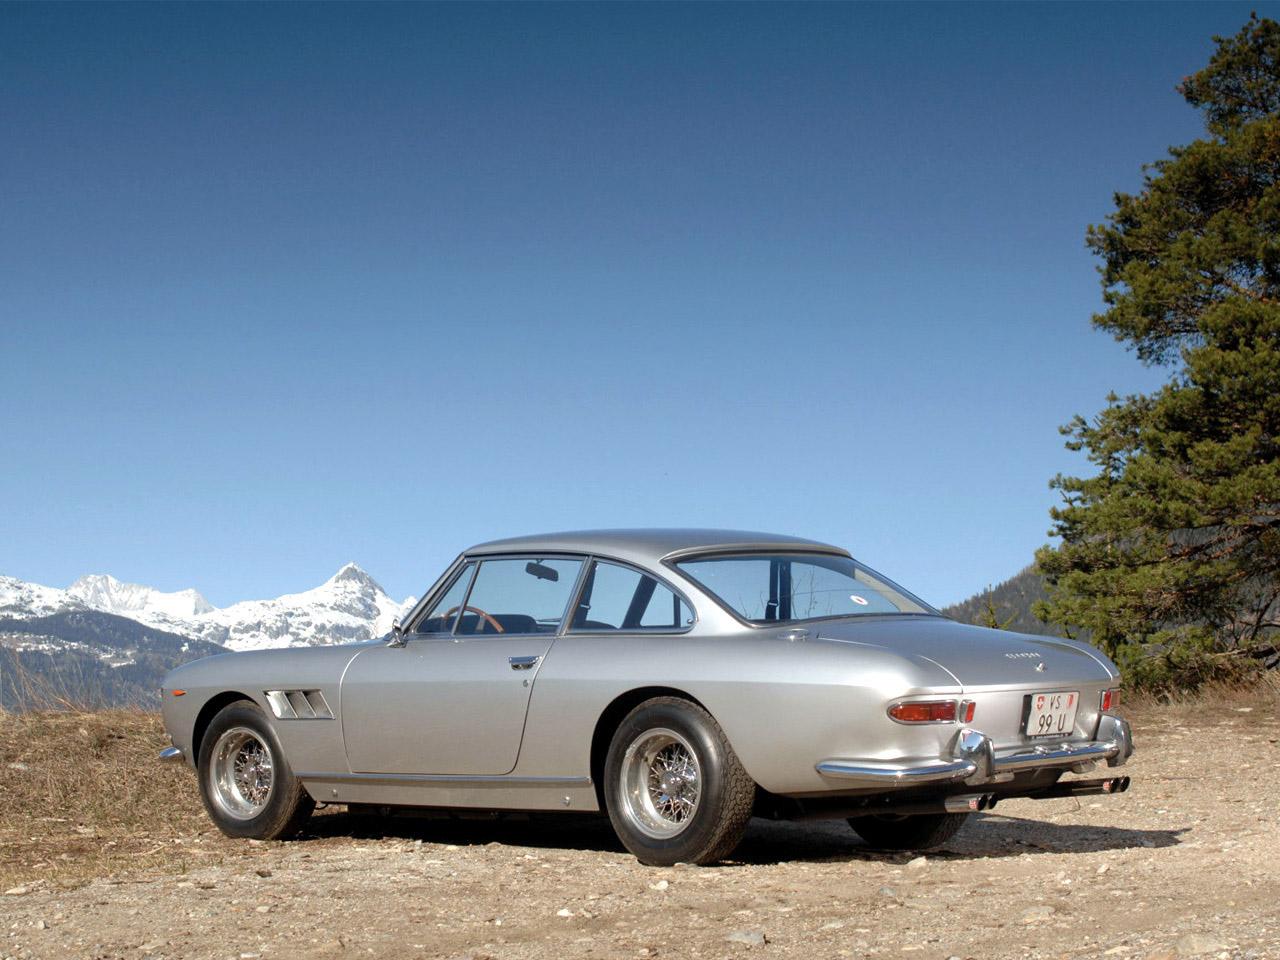 Ferrari 330 Gt Series I 1963 1965 Ferrari 330 Gt Series I 1963 1965 Photo 07 Car In Pictures